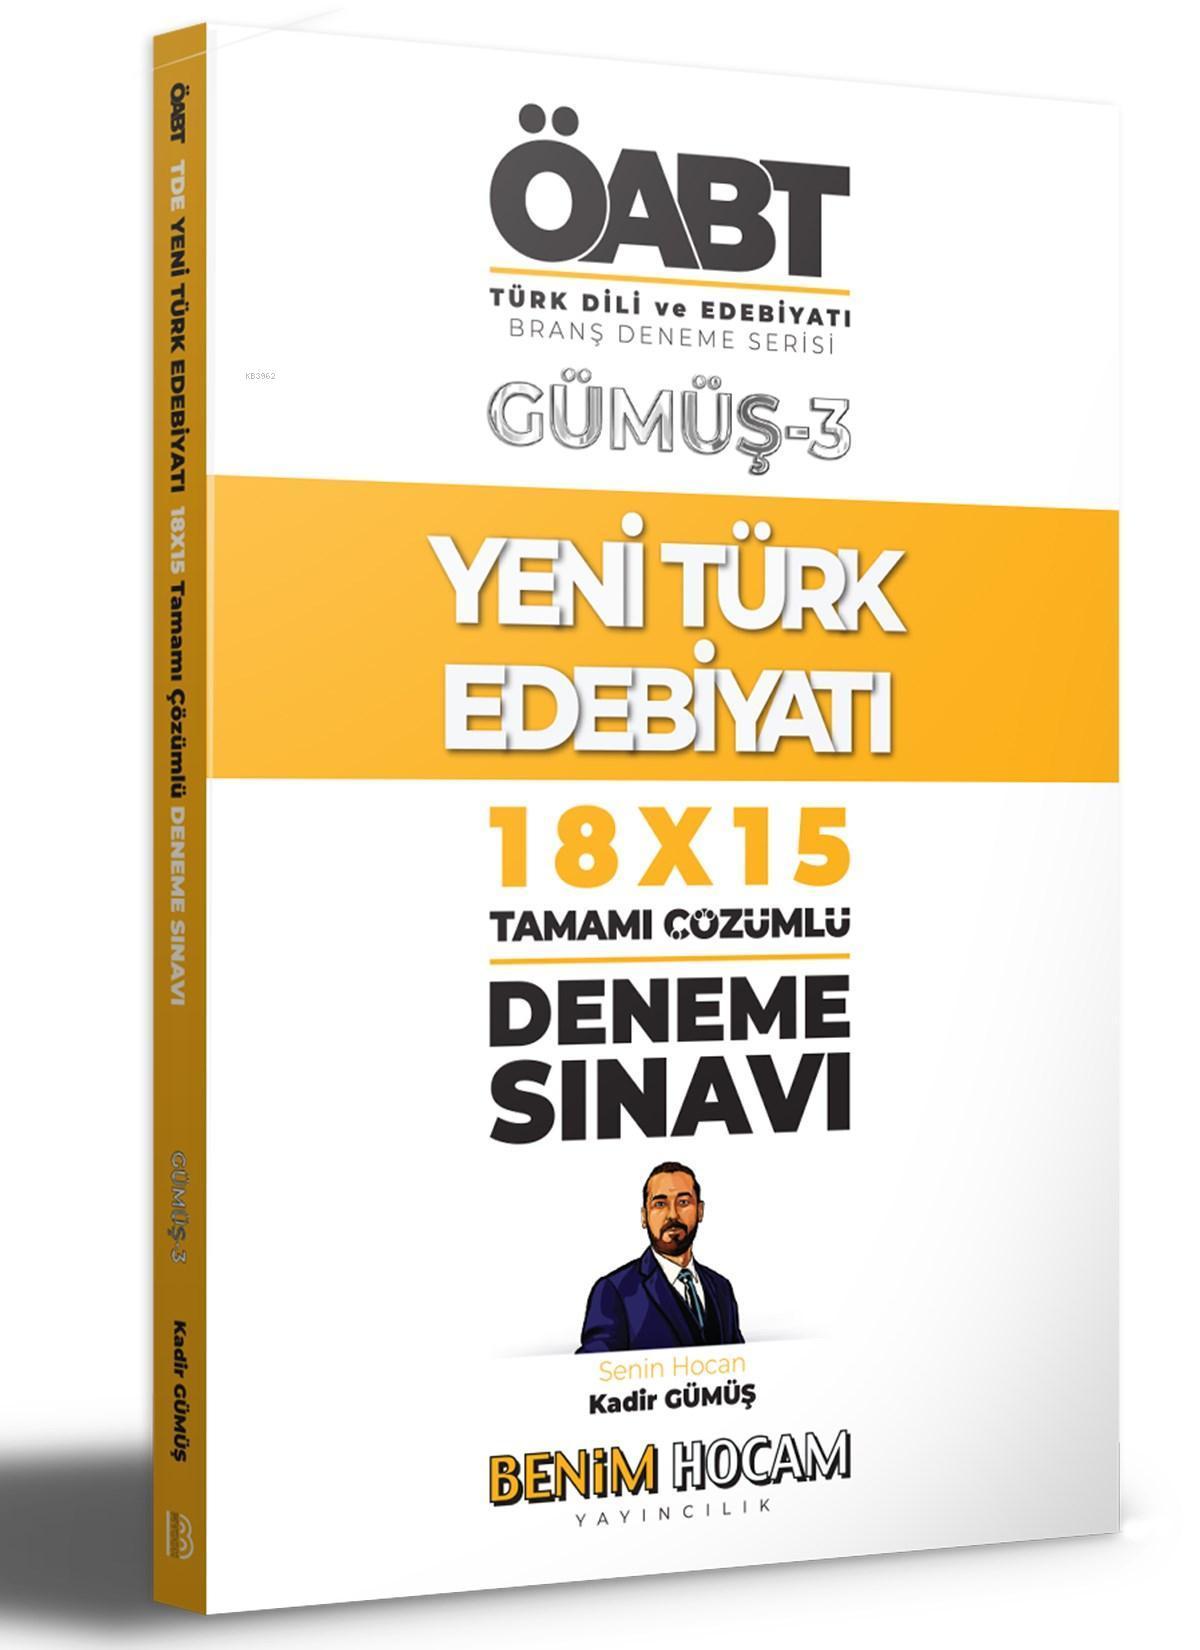 2021 KPSS Gümüş Serisi 3 ÖABT Türk Dili ve Edebiyatı Yeni Türk Edebiyatı Deneme Sınavları BenimHocam